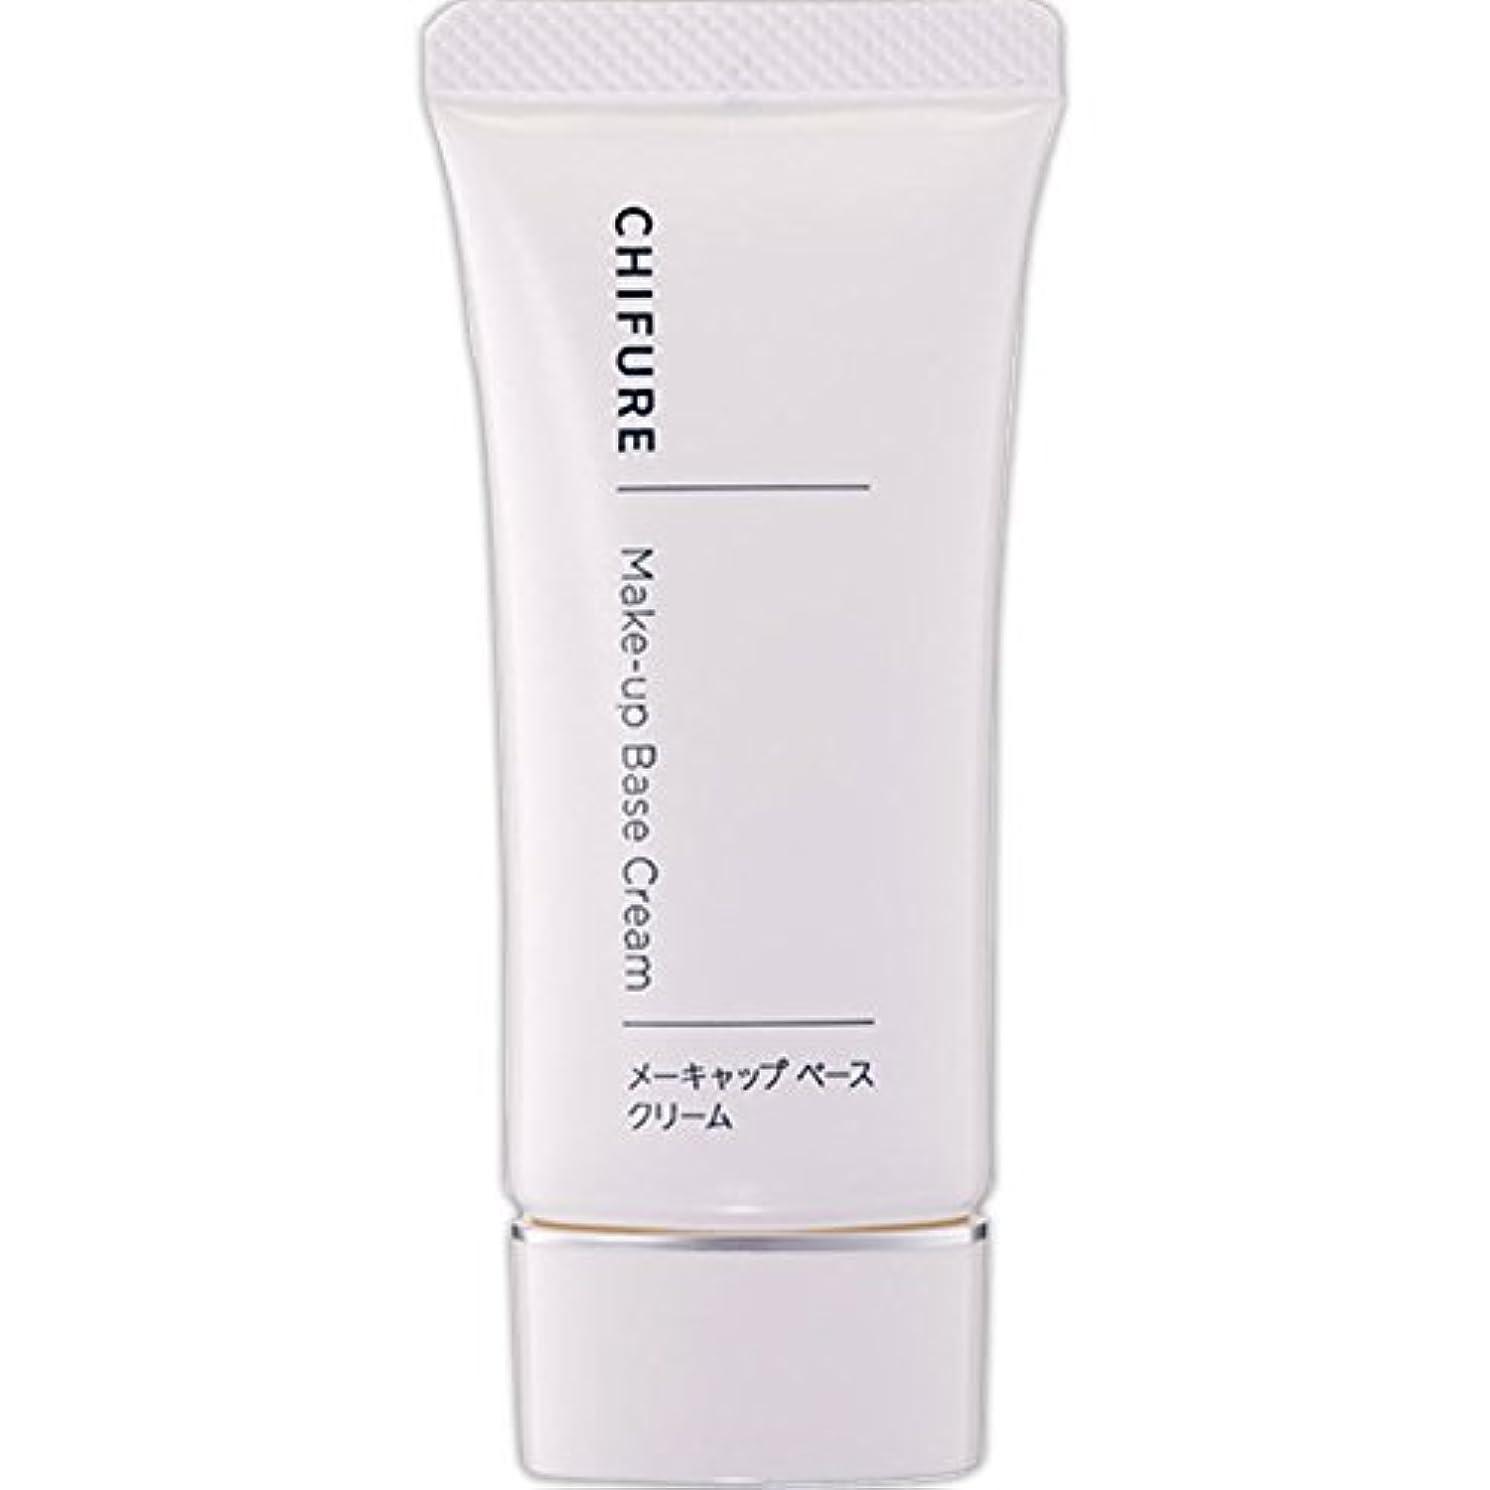 宣言する比率素晴らしきちふれ化粧品 メーキャップ ベース クリーム 35G